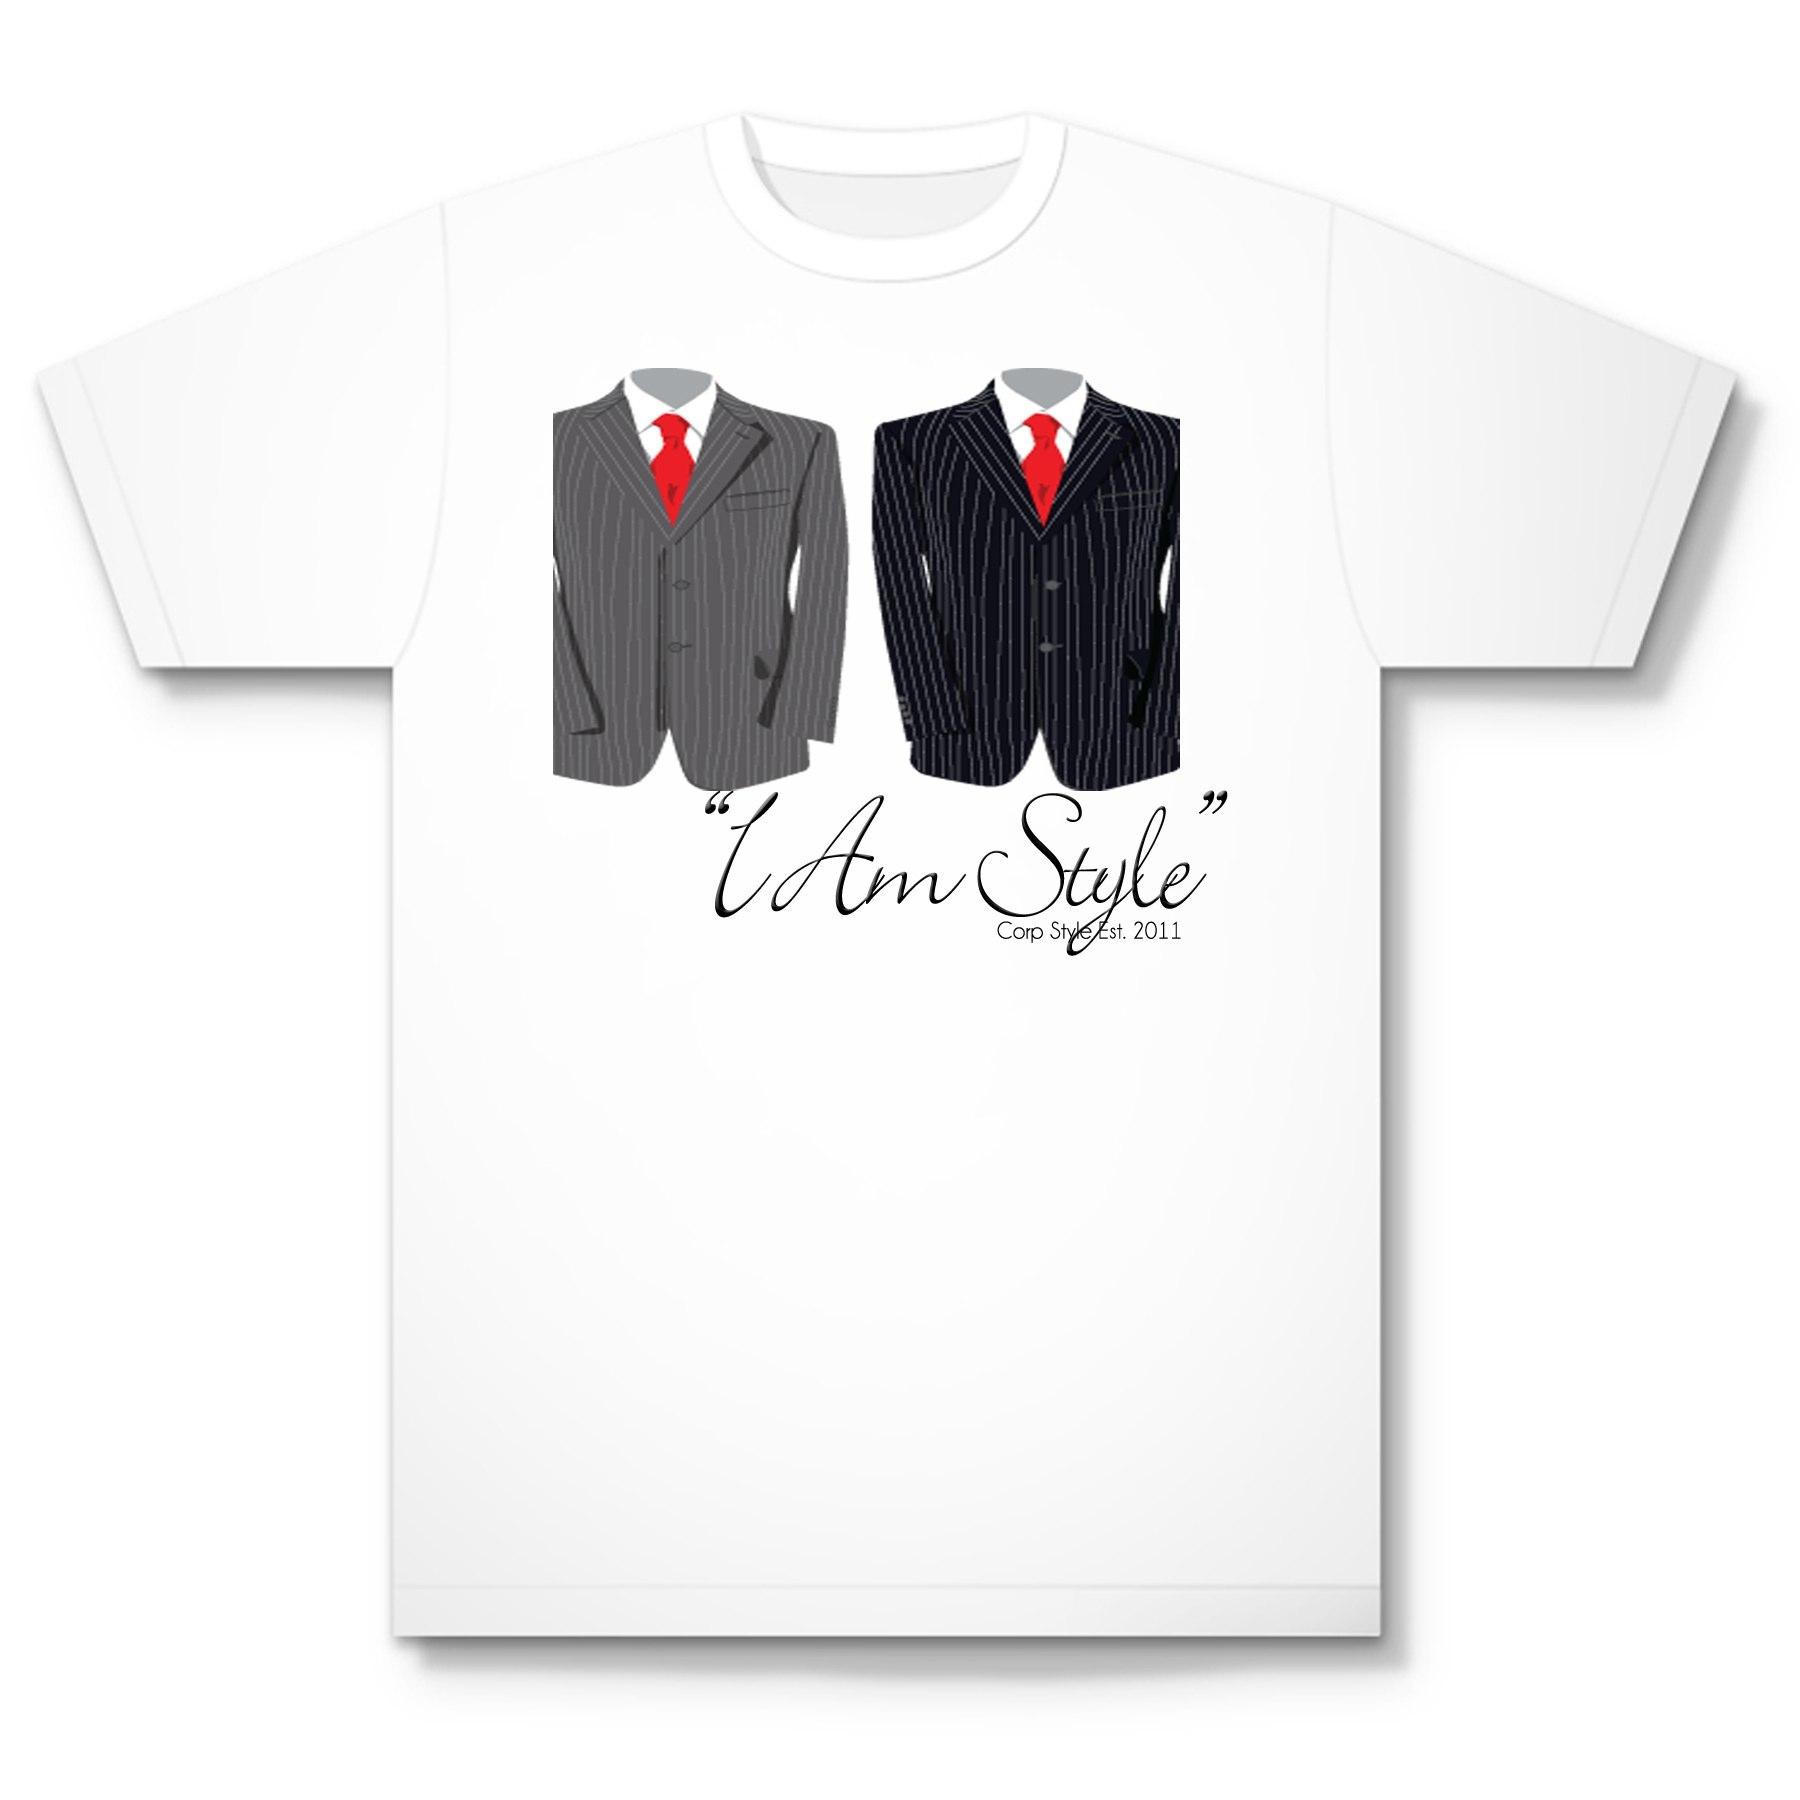 iamstyle tshirt 11 - Copy.jpg